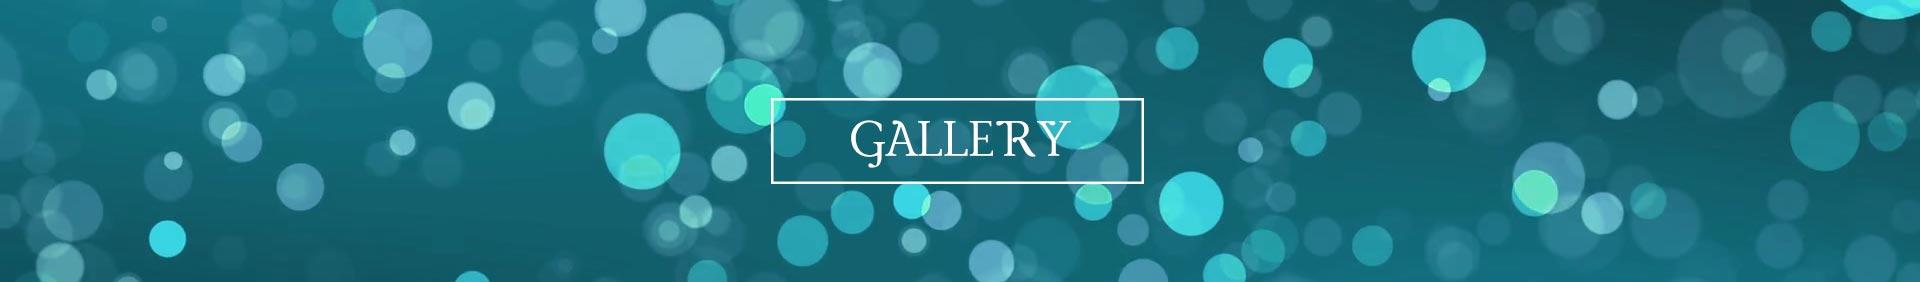 wedding venue sussex gallery